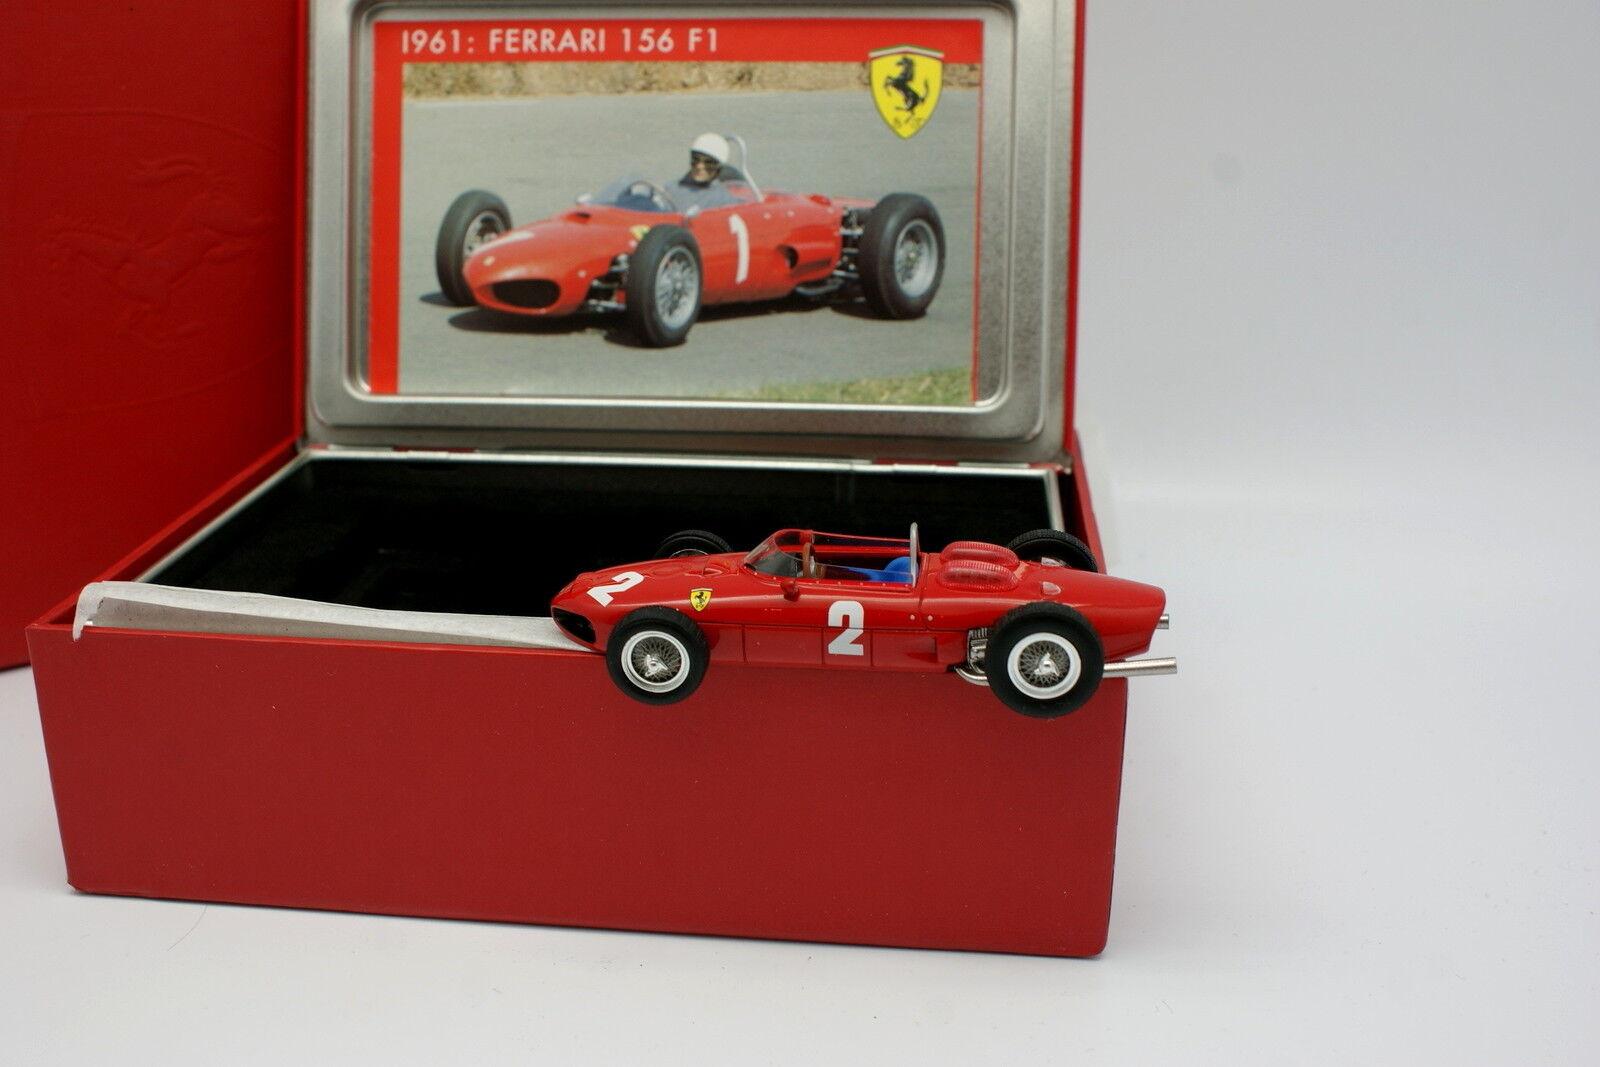 Hot wheels die storia 1   43 - formel - 1 - ferrari 156 1961